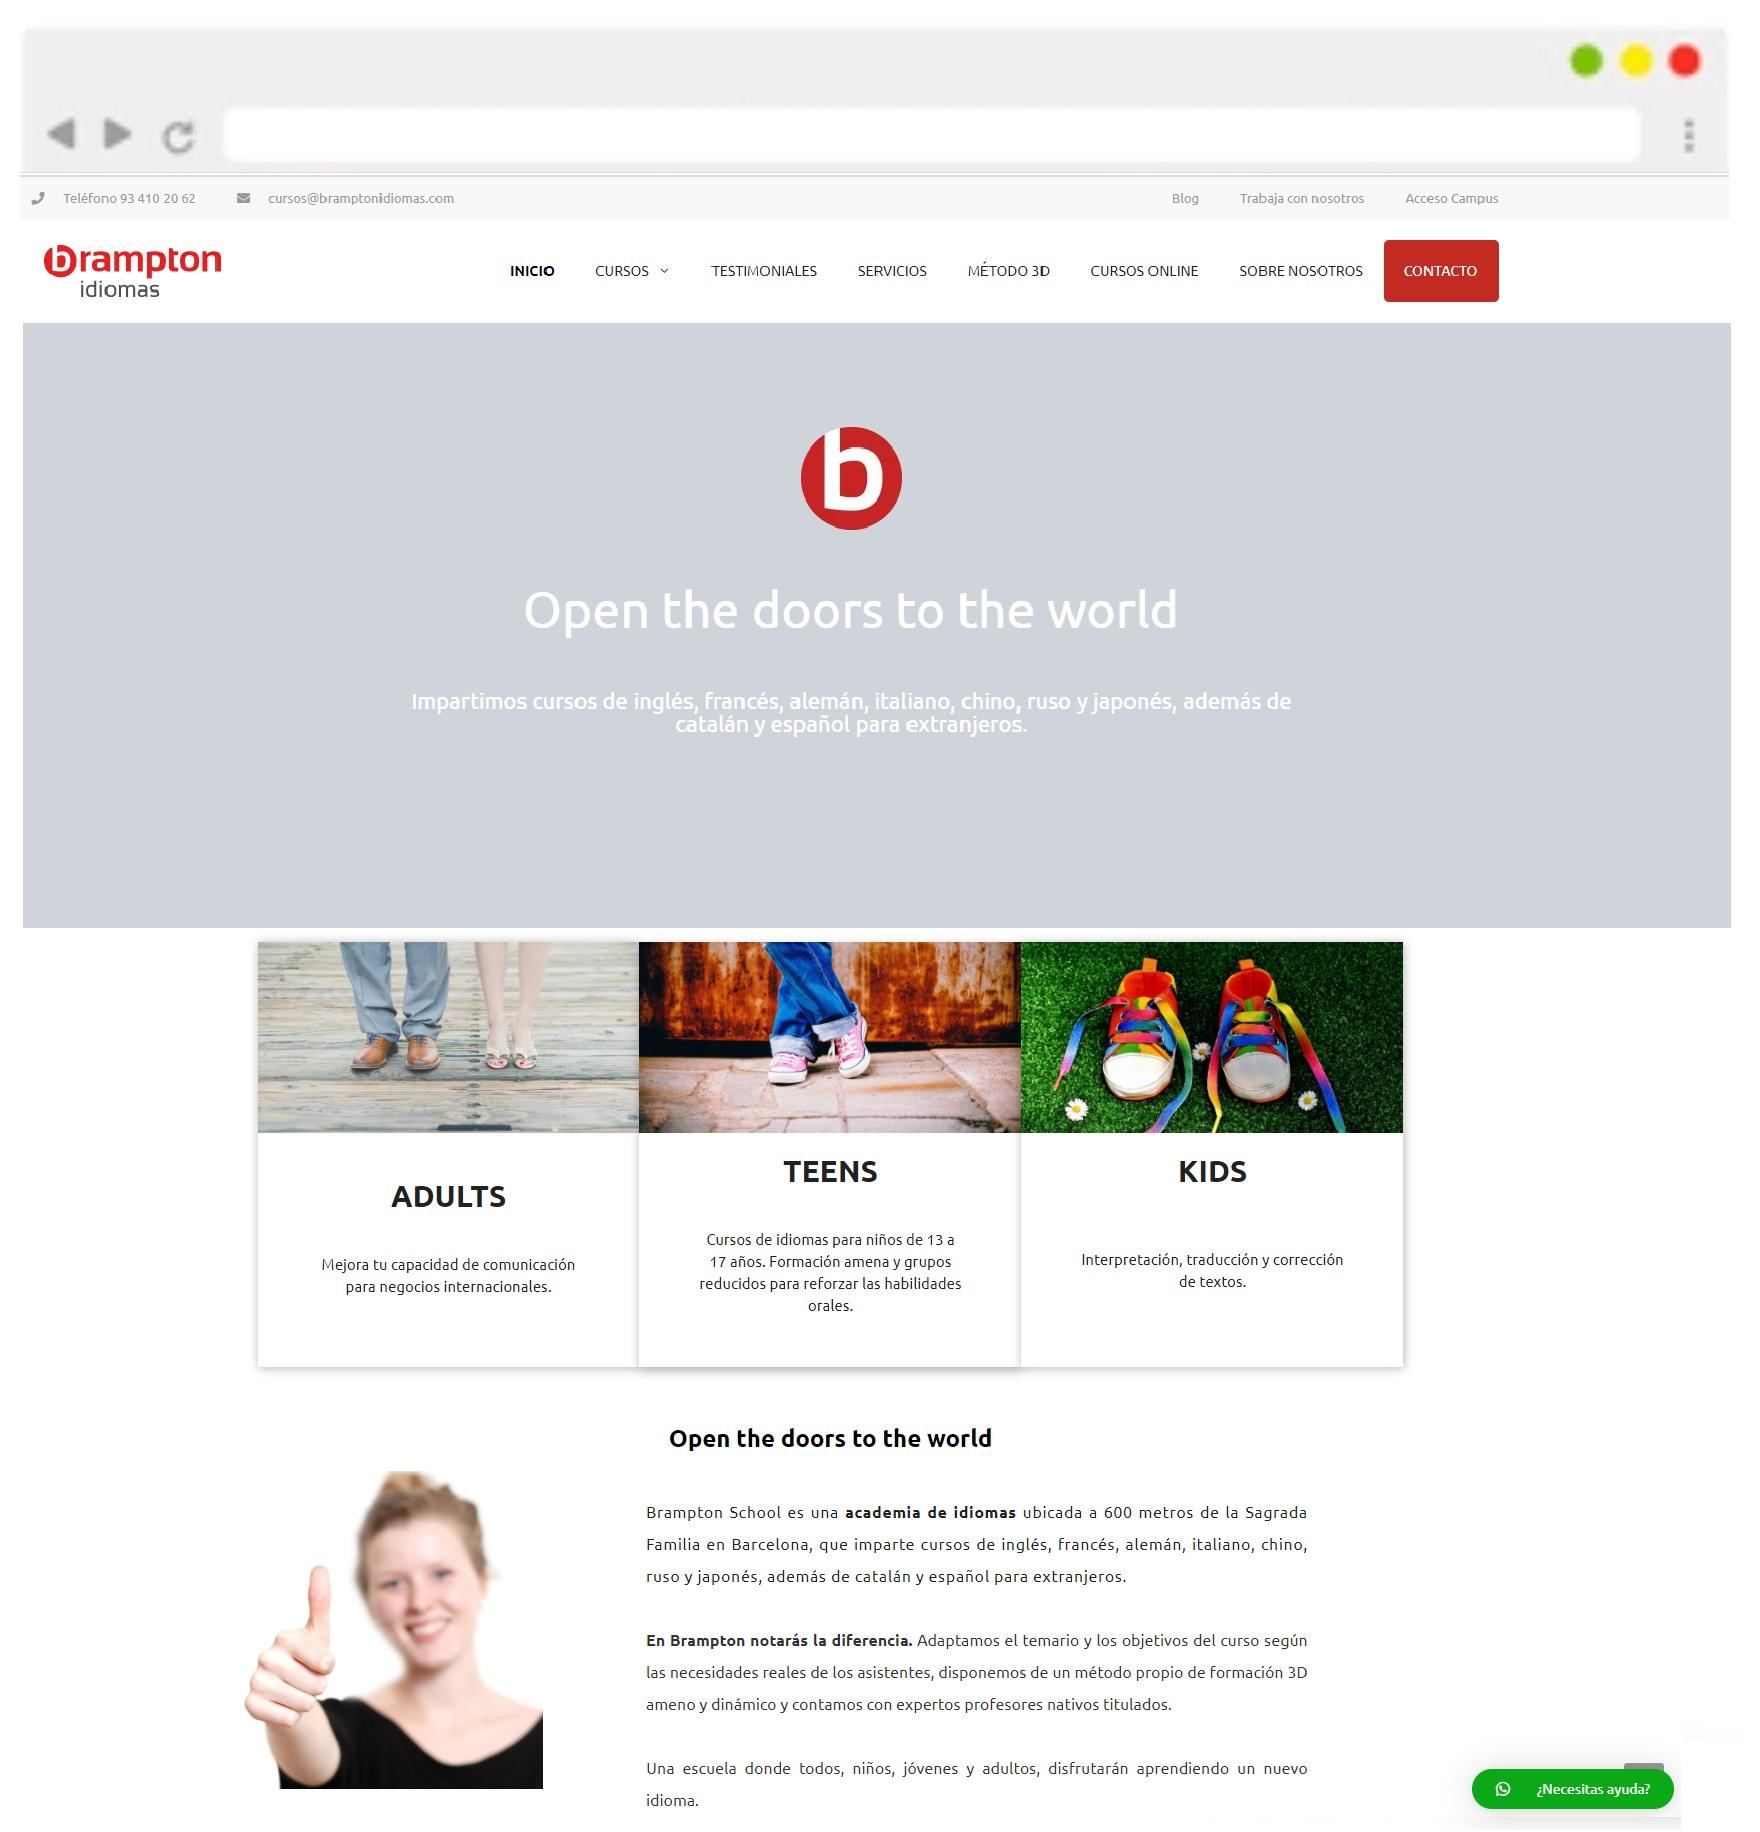 Brampton idiomas web elearning